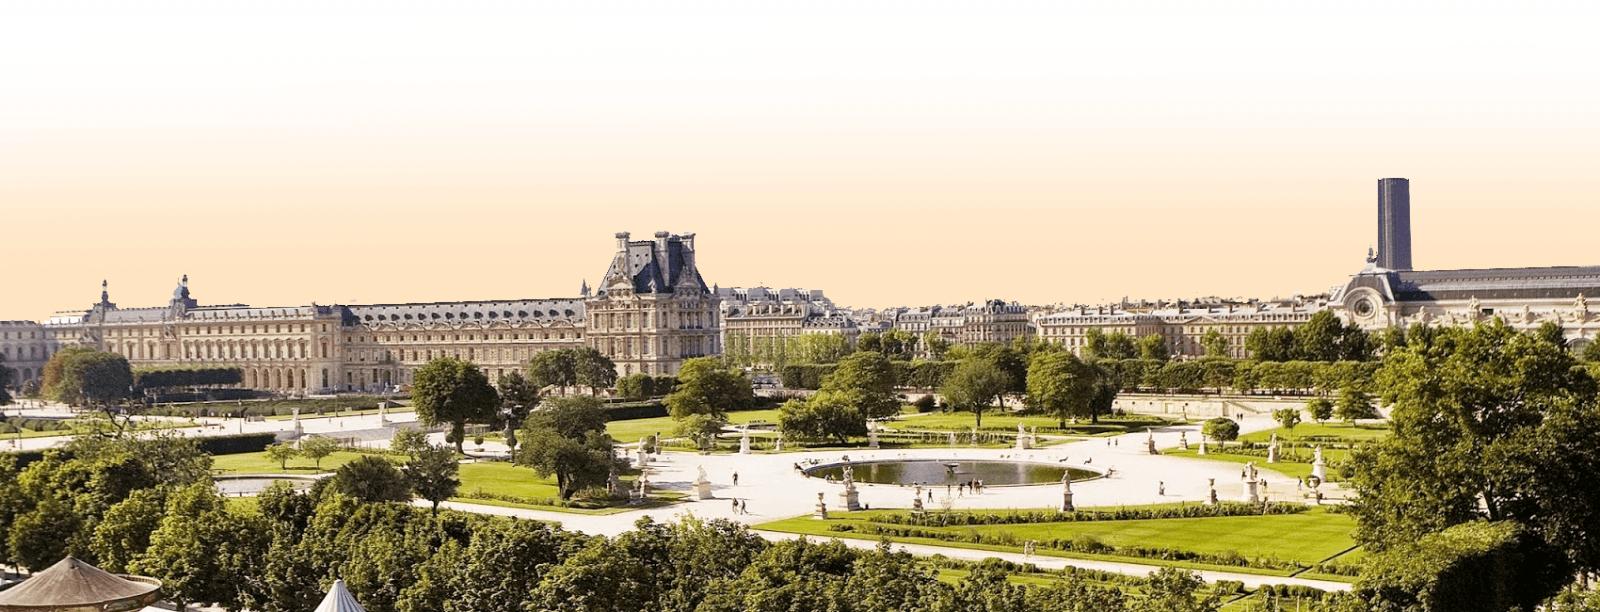 Une nuit face au Jardin des tuileries – Nicolas Rouquet